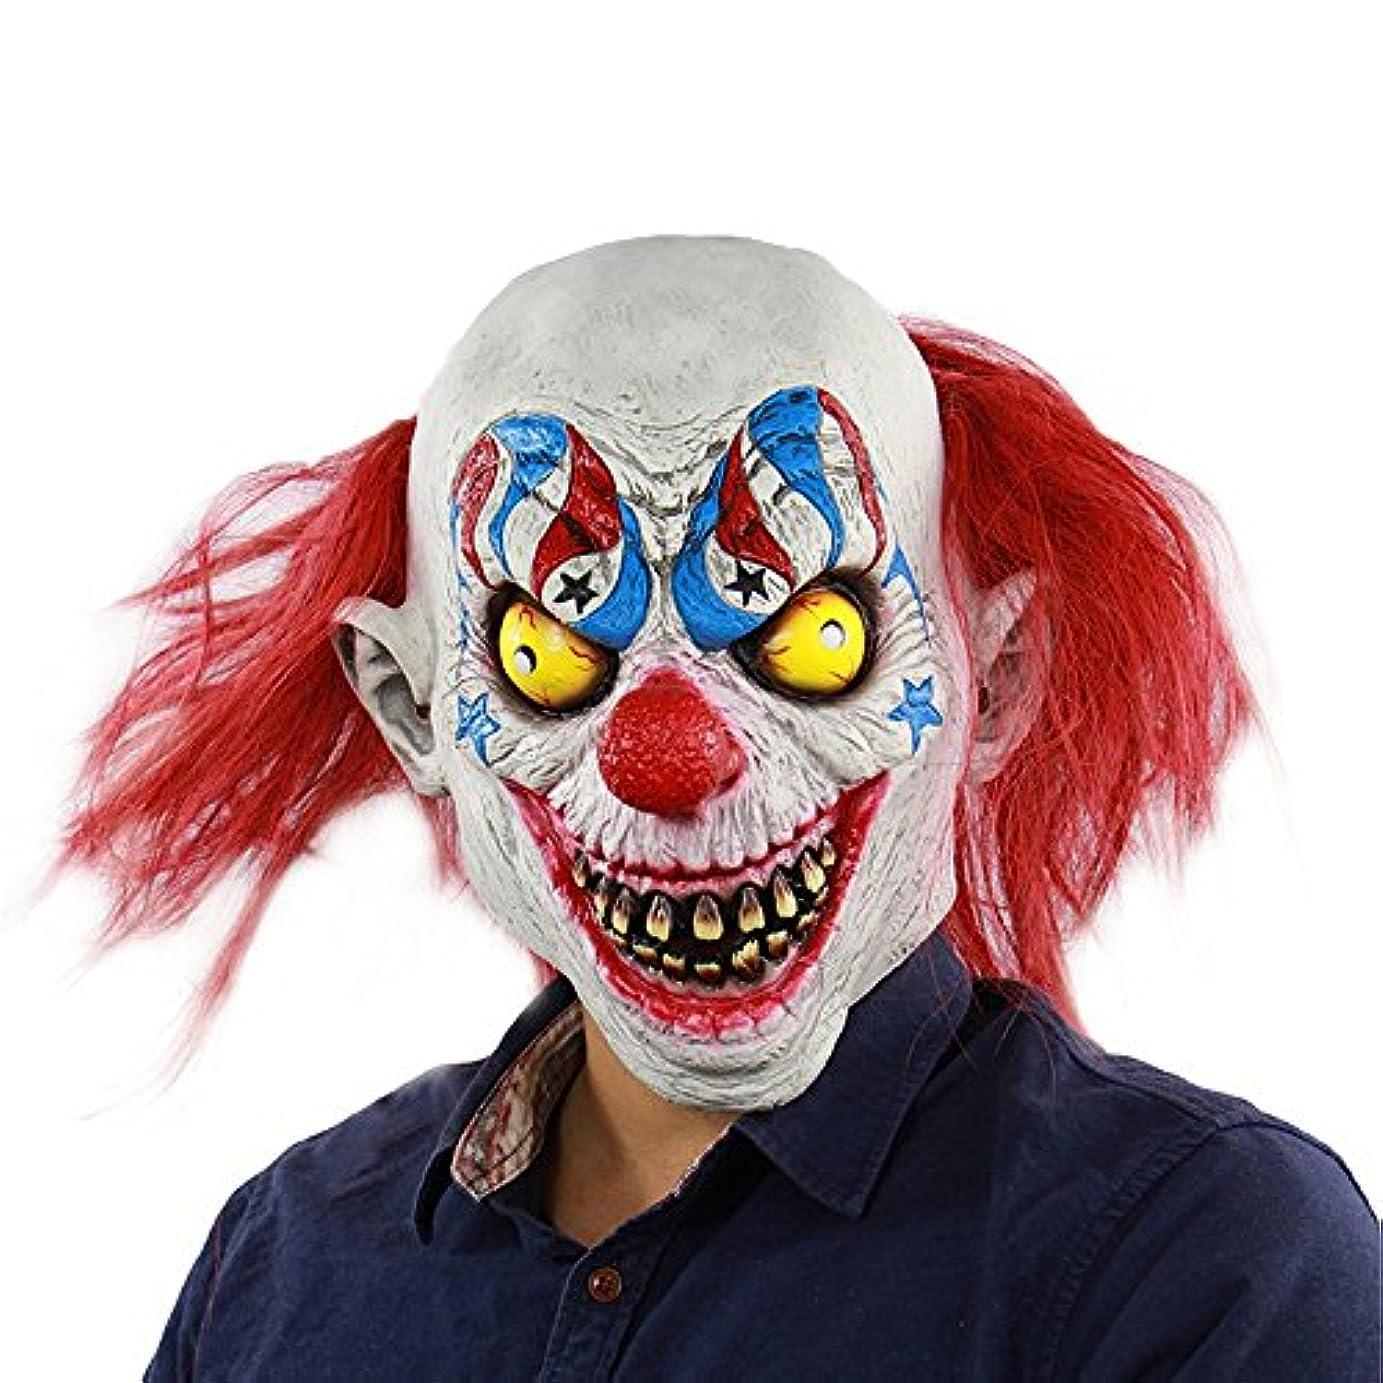 調停者危険キャンディーハロウィンホラーサーカスピエロラテックスゴーストマスクお化け屋敷ドレッシングヘッドギア